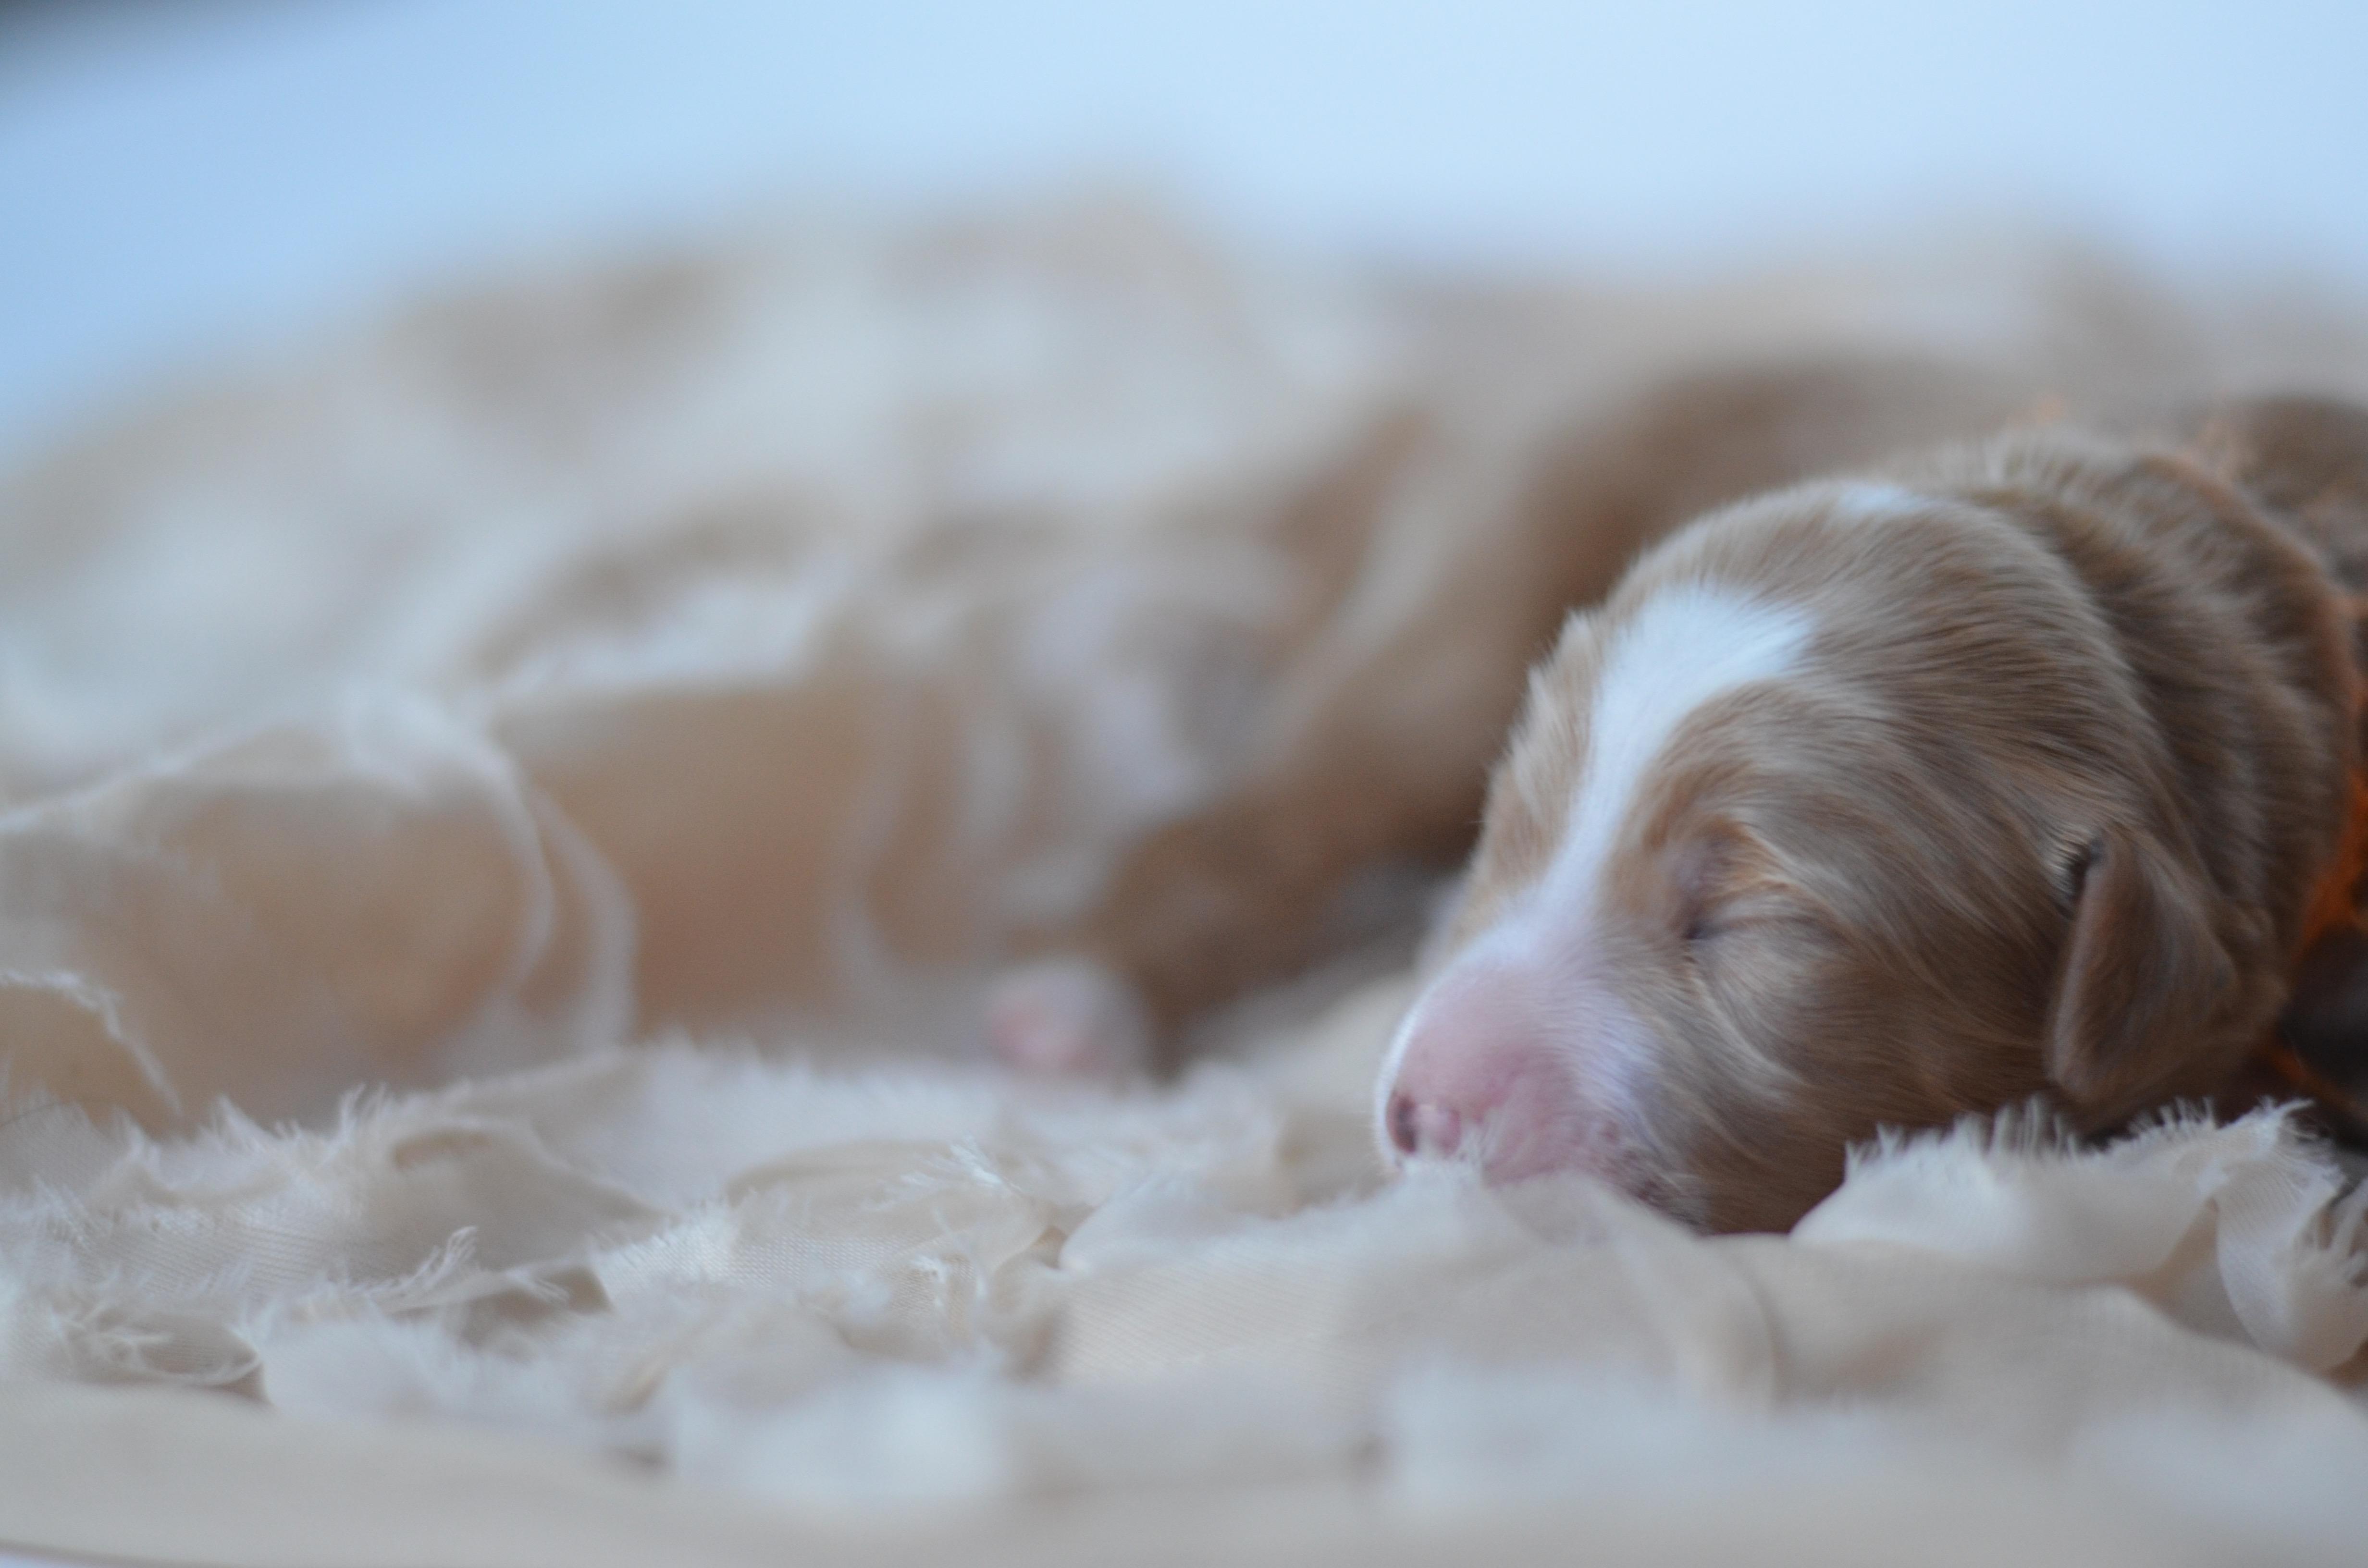 Petite/Mini Goldendoodles